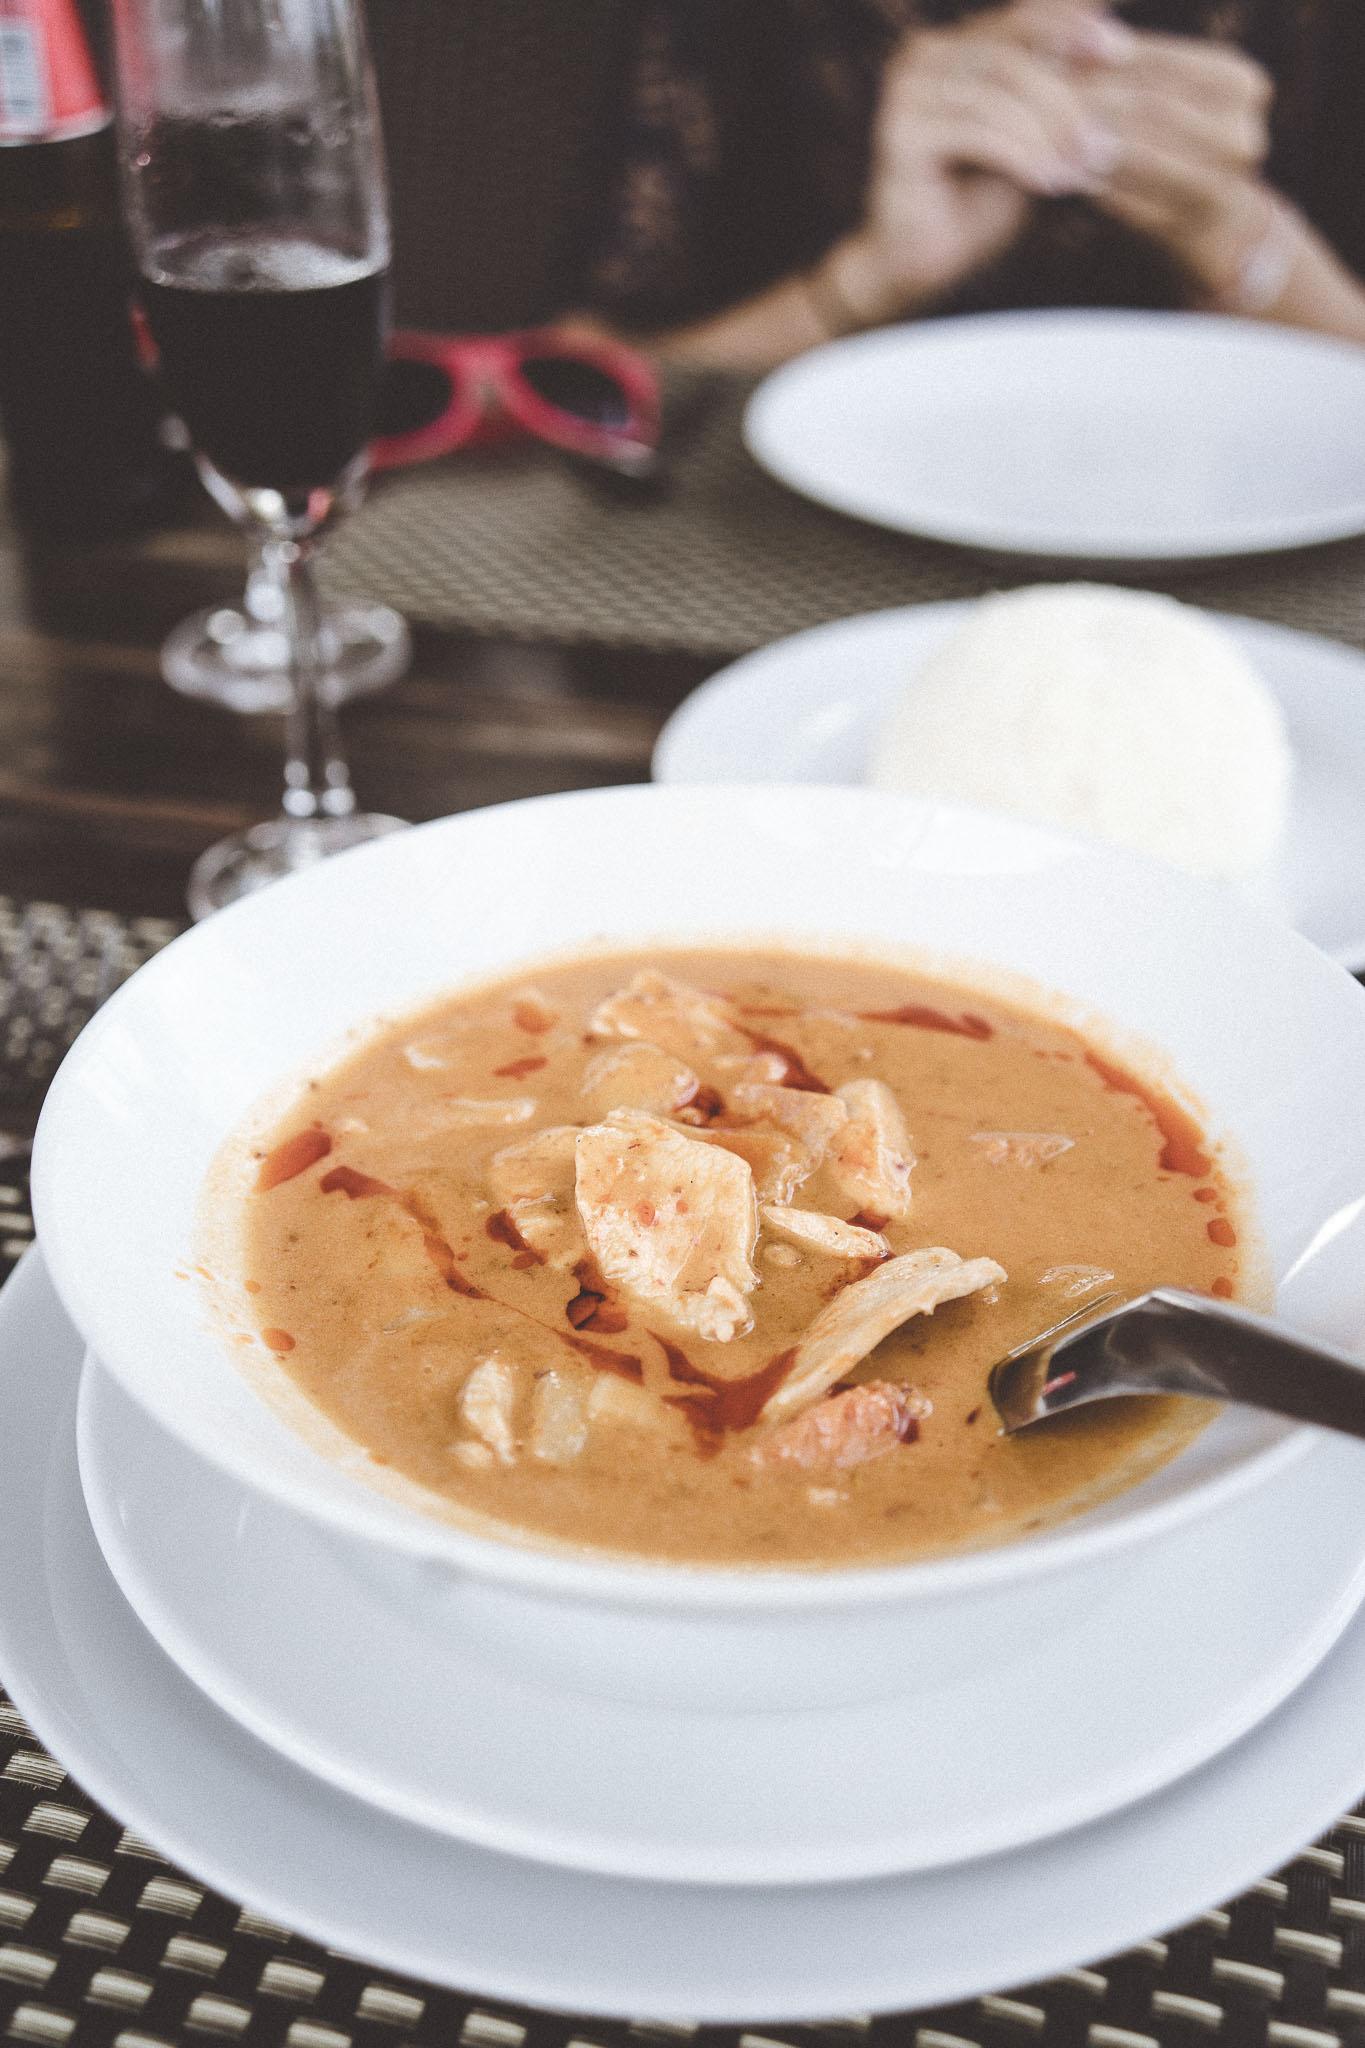 czerwone curry, gęste i aromatyczne. To była bardzo duża porcja!